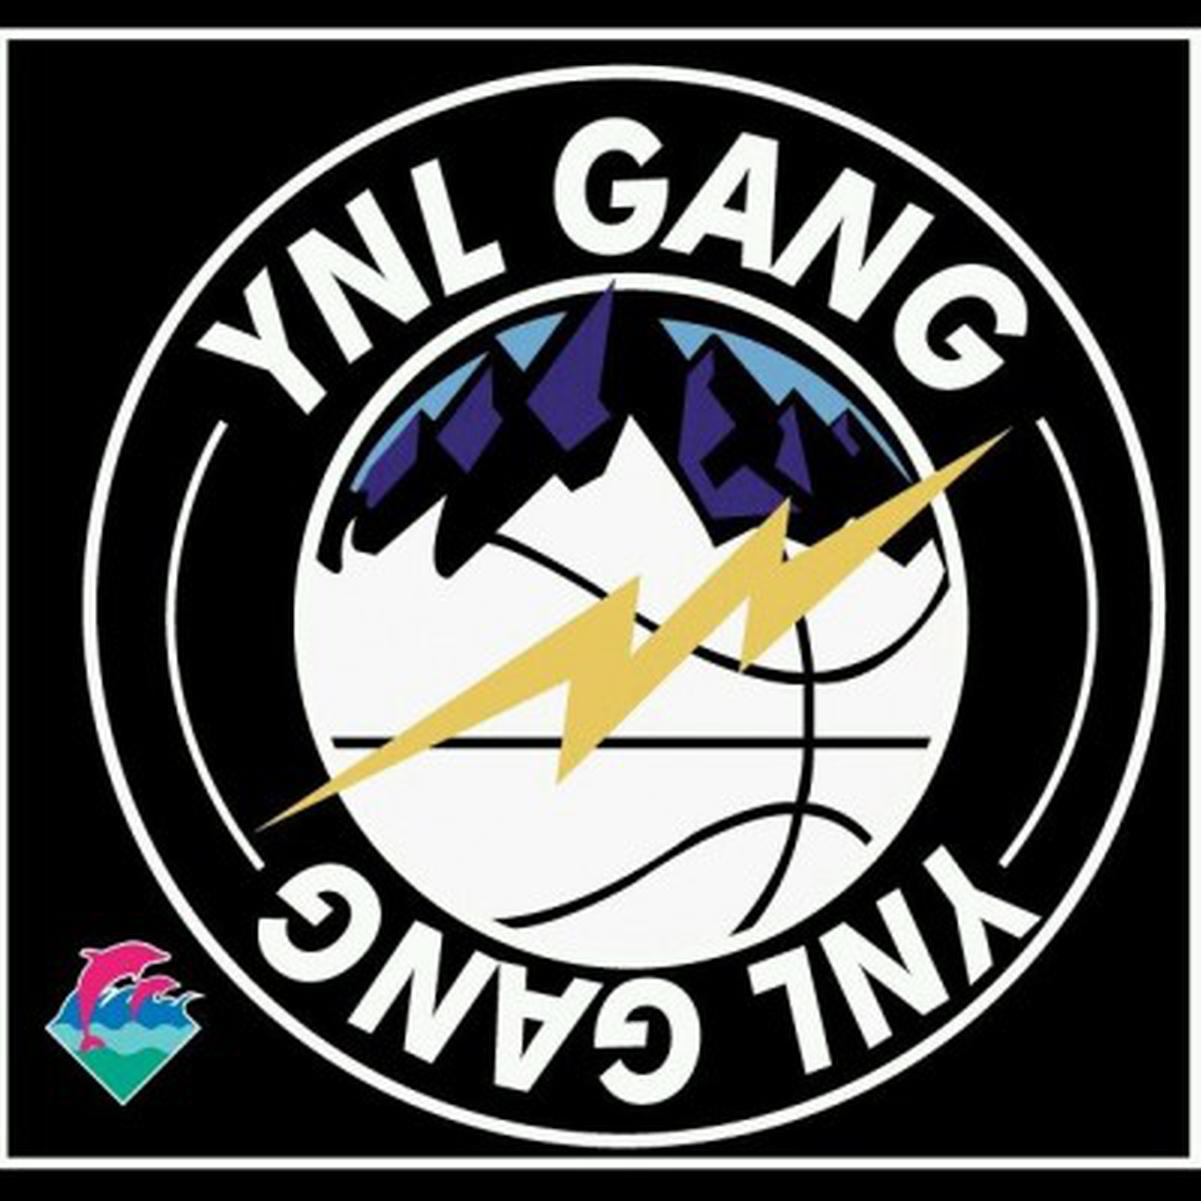 Ynl Gang